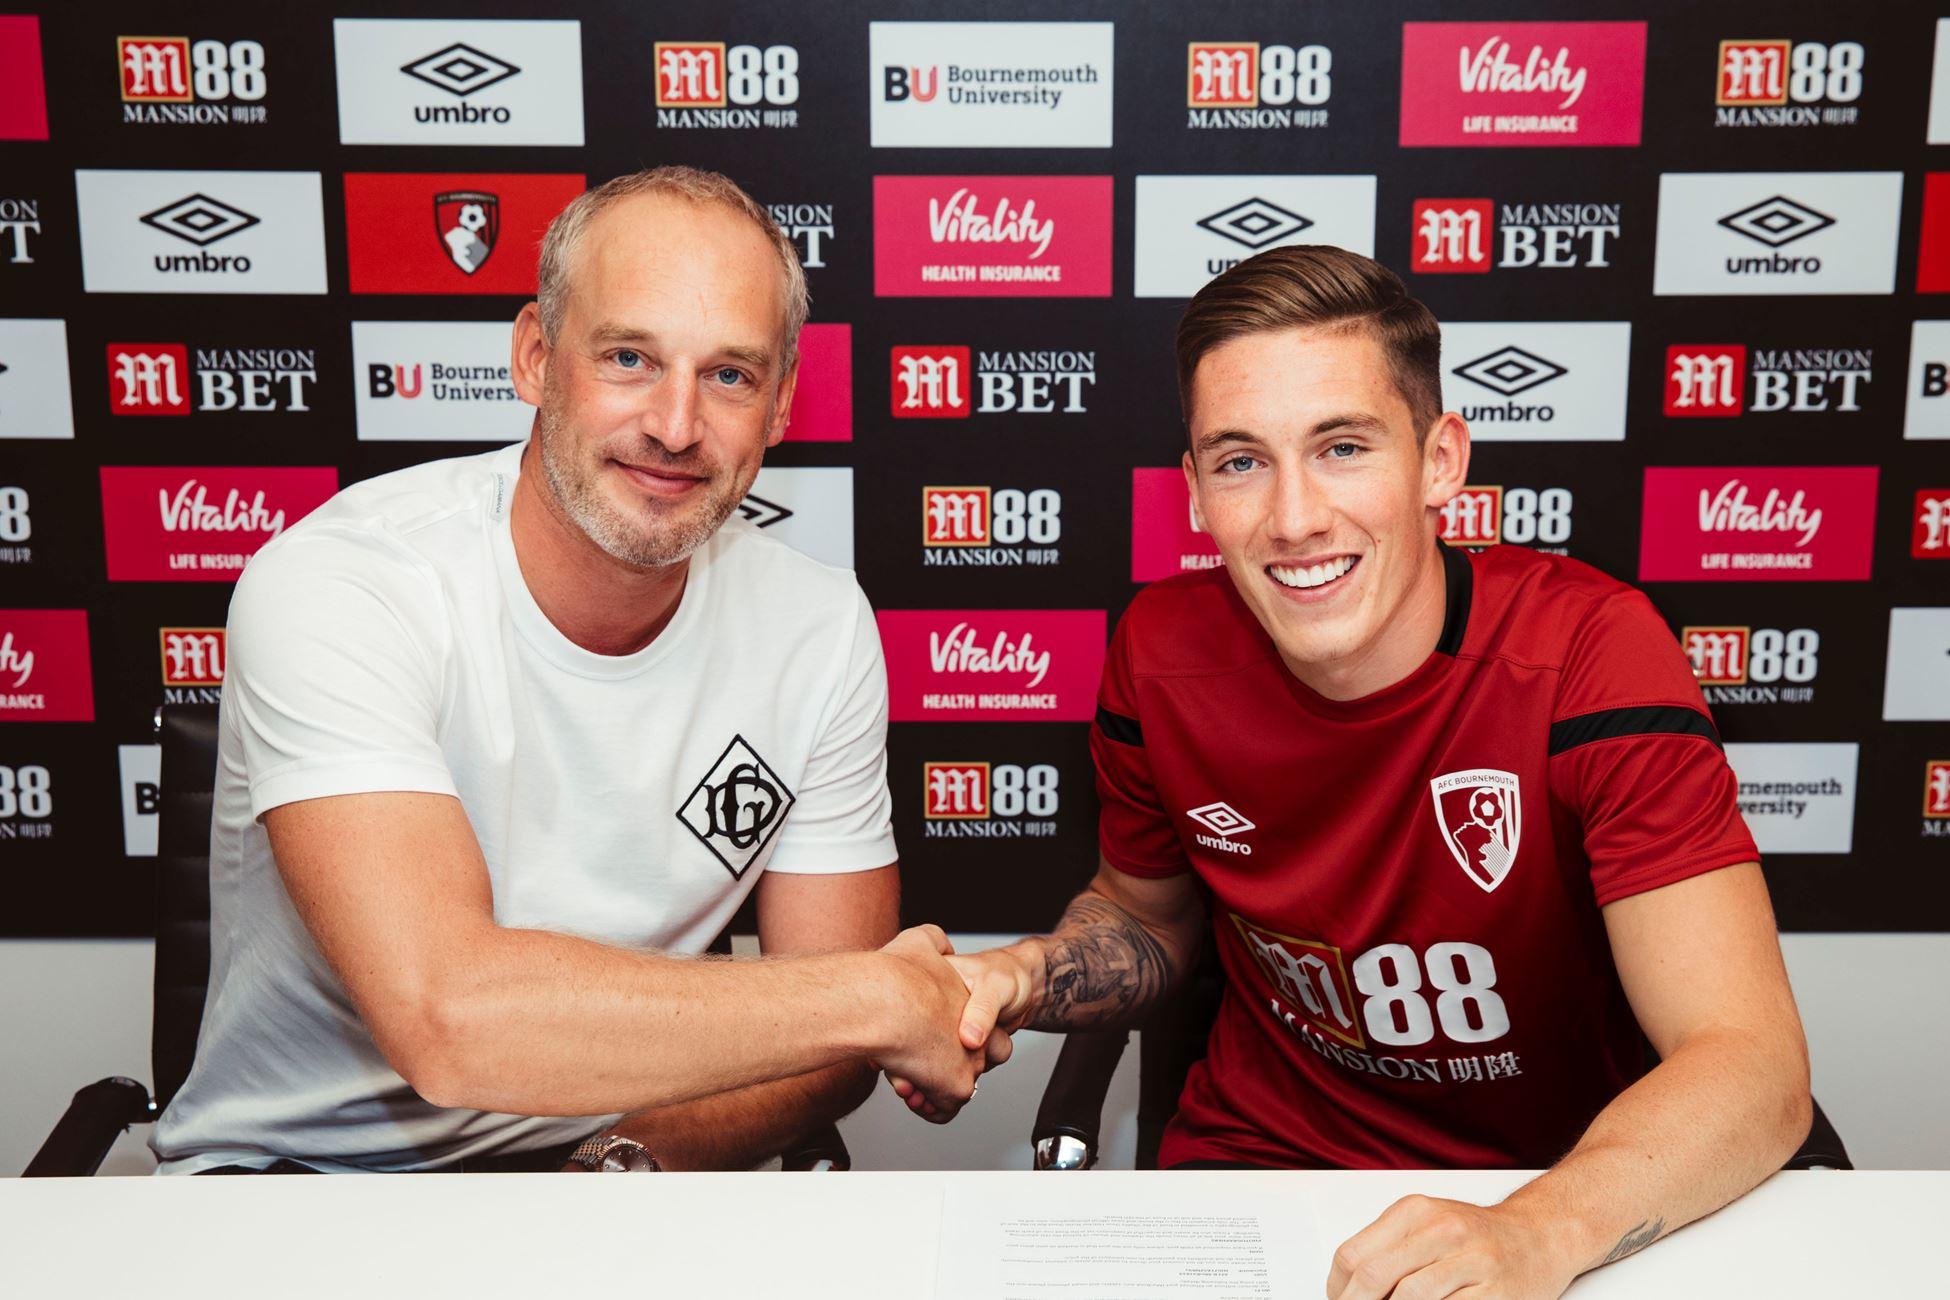 انتقال رسمی-لیورپول-بورنموث-انتقال قرضی-انگلستان-Bournemouth-liverpool-loan deal